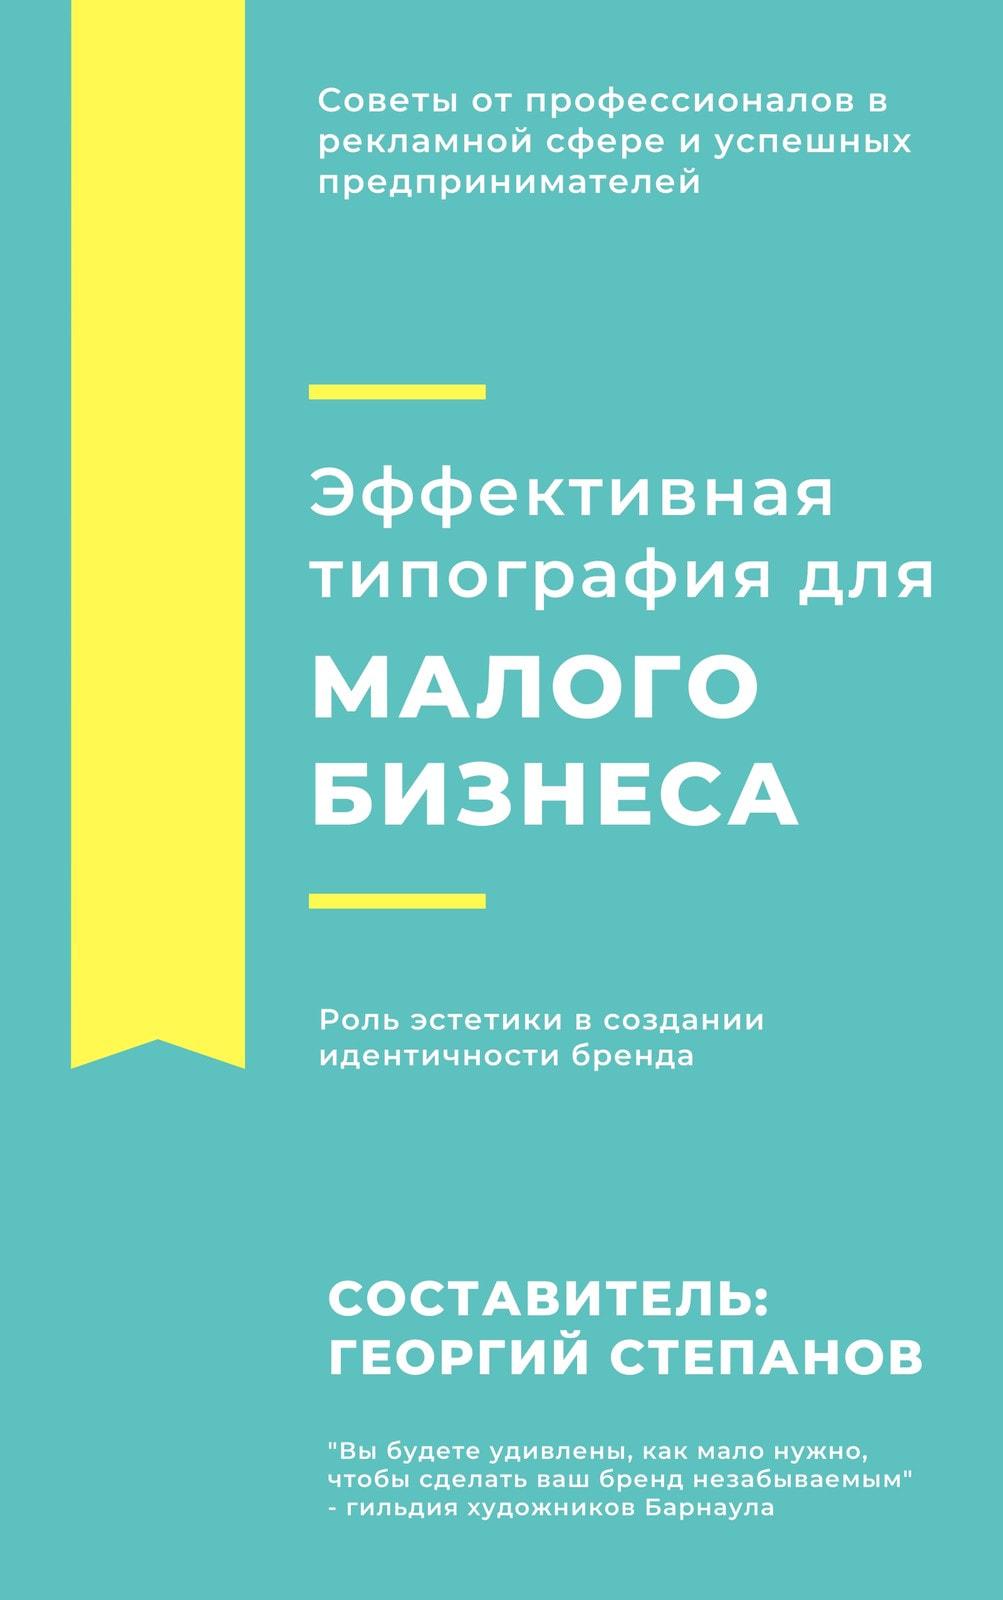 Бирюзовый Современный Жирный Яркий Типография Книга Обложка